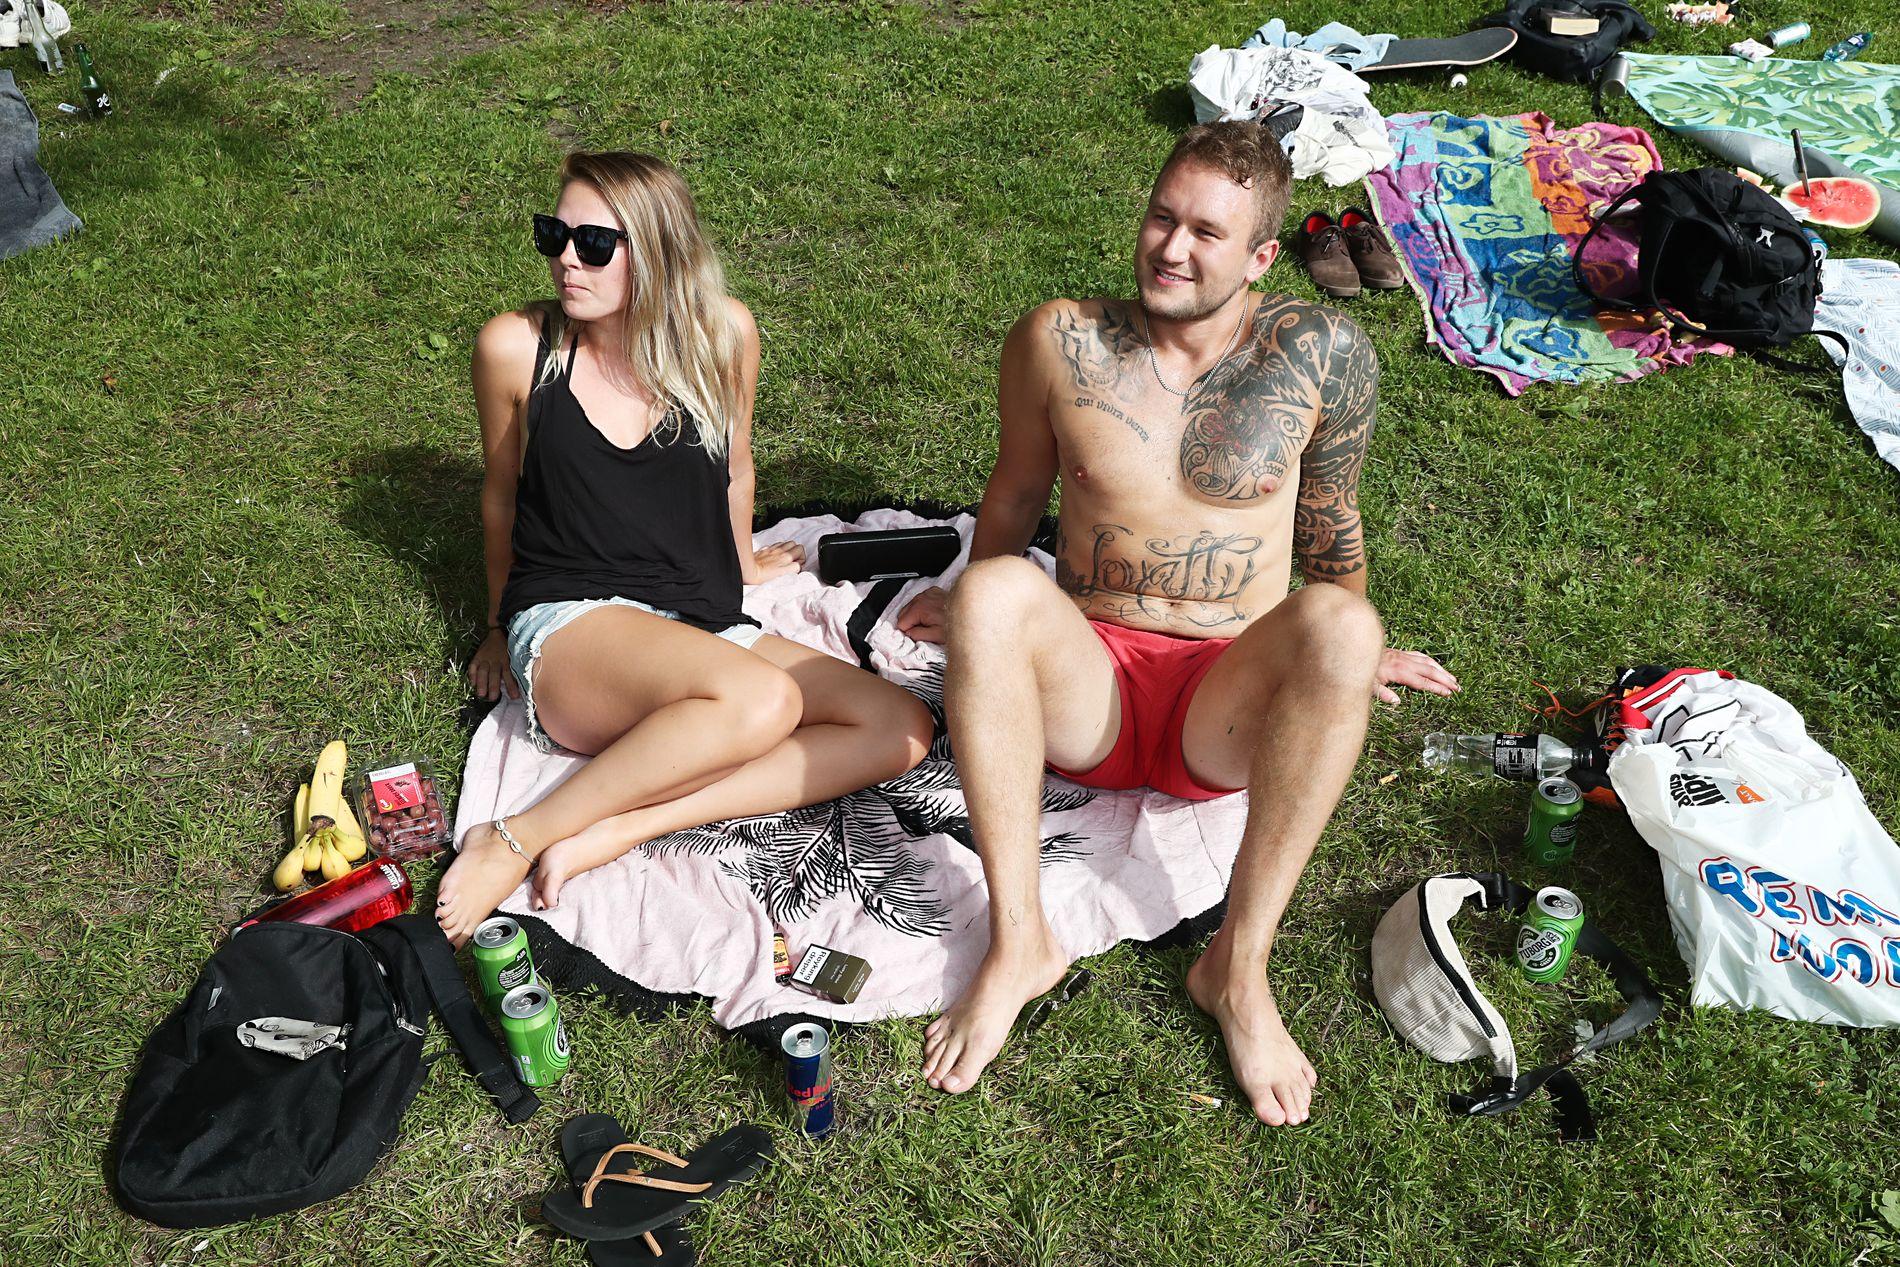 PRISER SOMMEREN: Gustav Wictor (25) Ingrid Murberg (26) nyter sommeren på Nordnes i Bergen, der det i dag ble slått varmerekord med 32,3 grader.